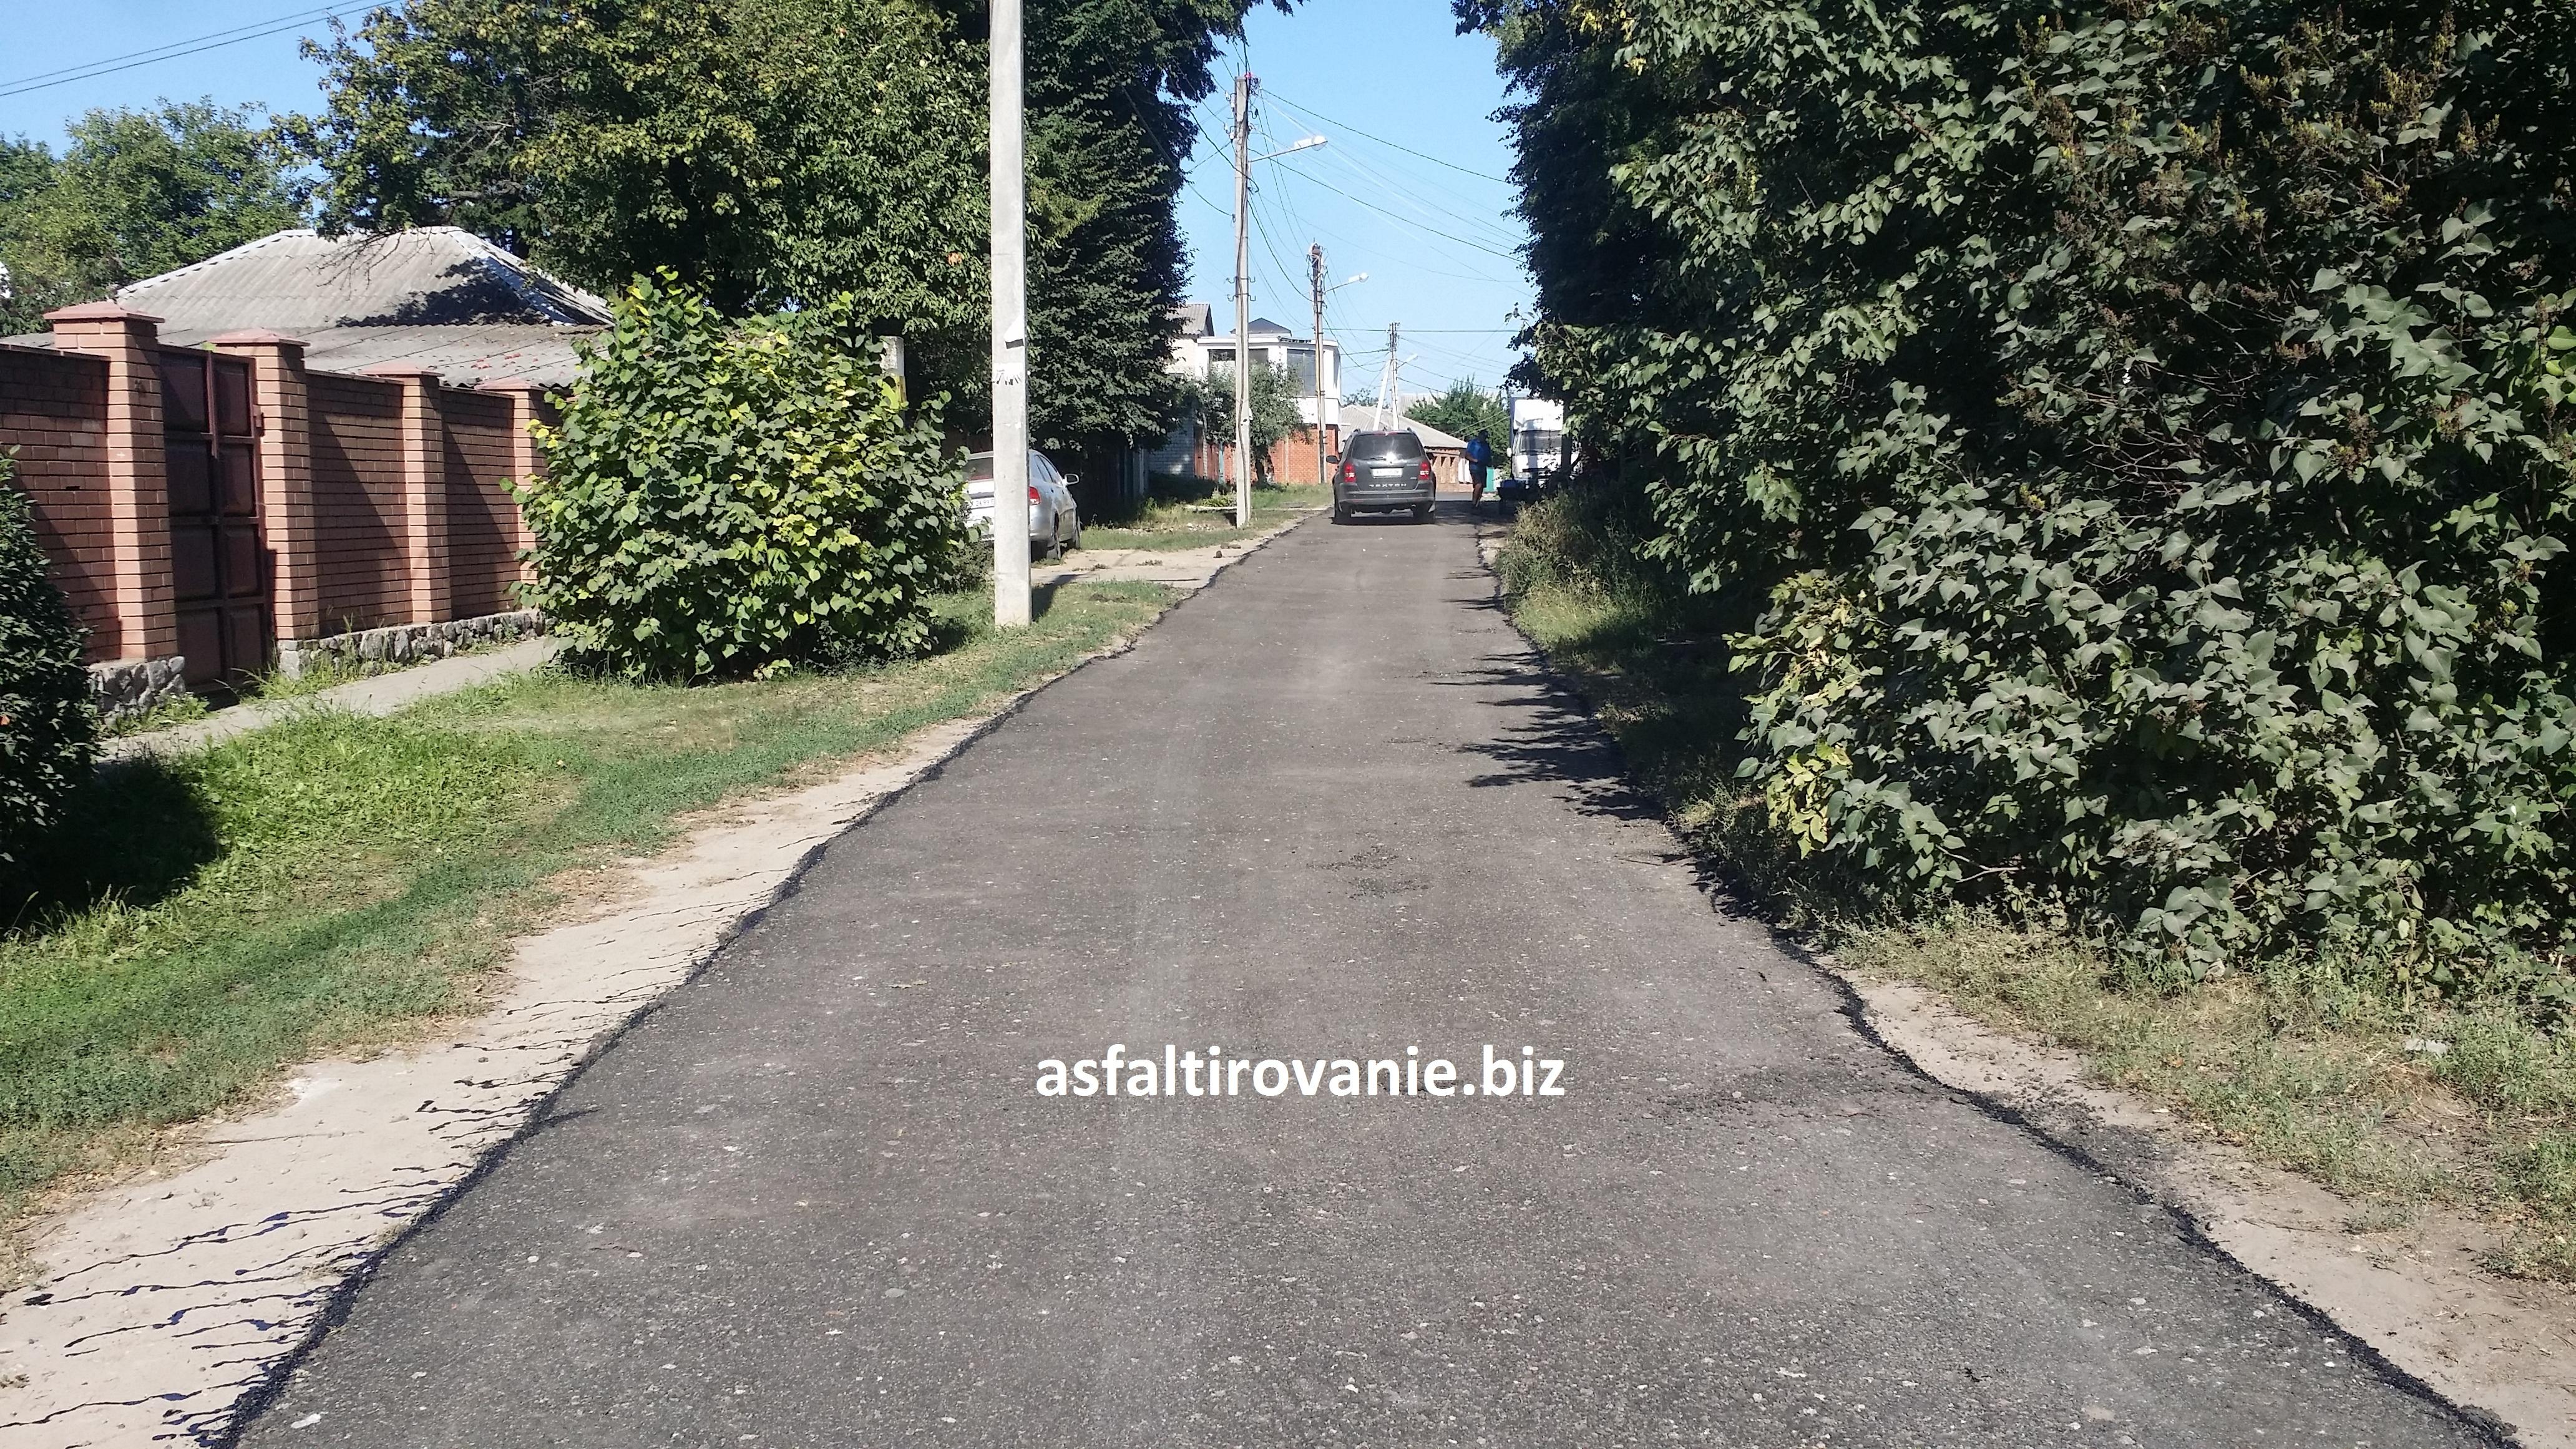 Асфальтирование асфальтовой крошкой доро